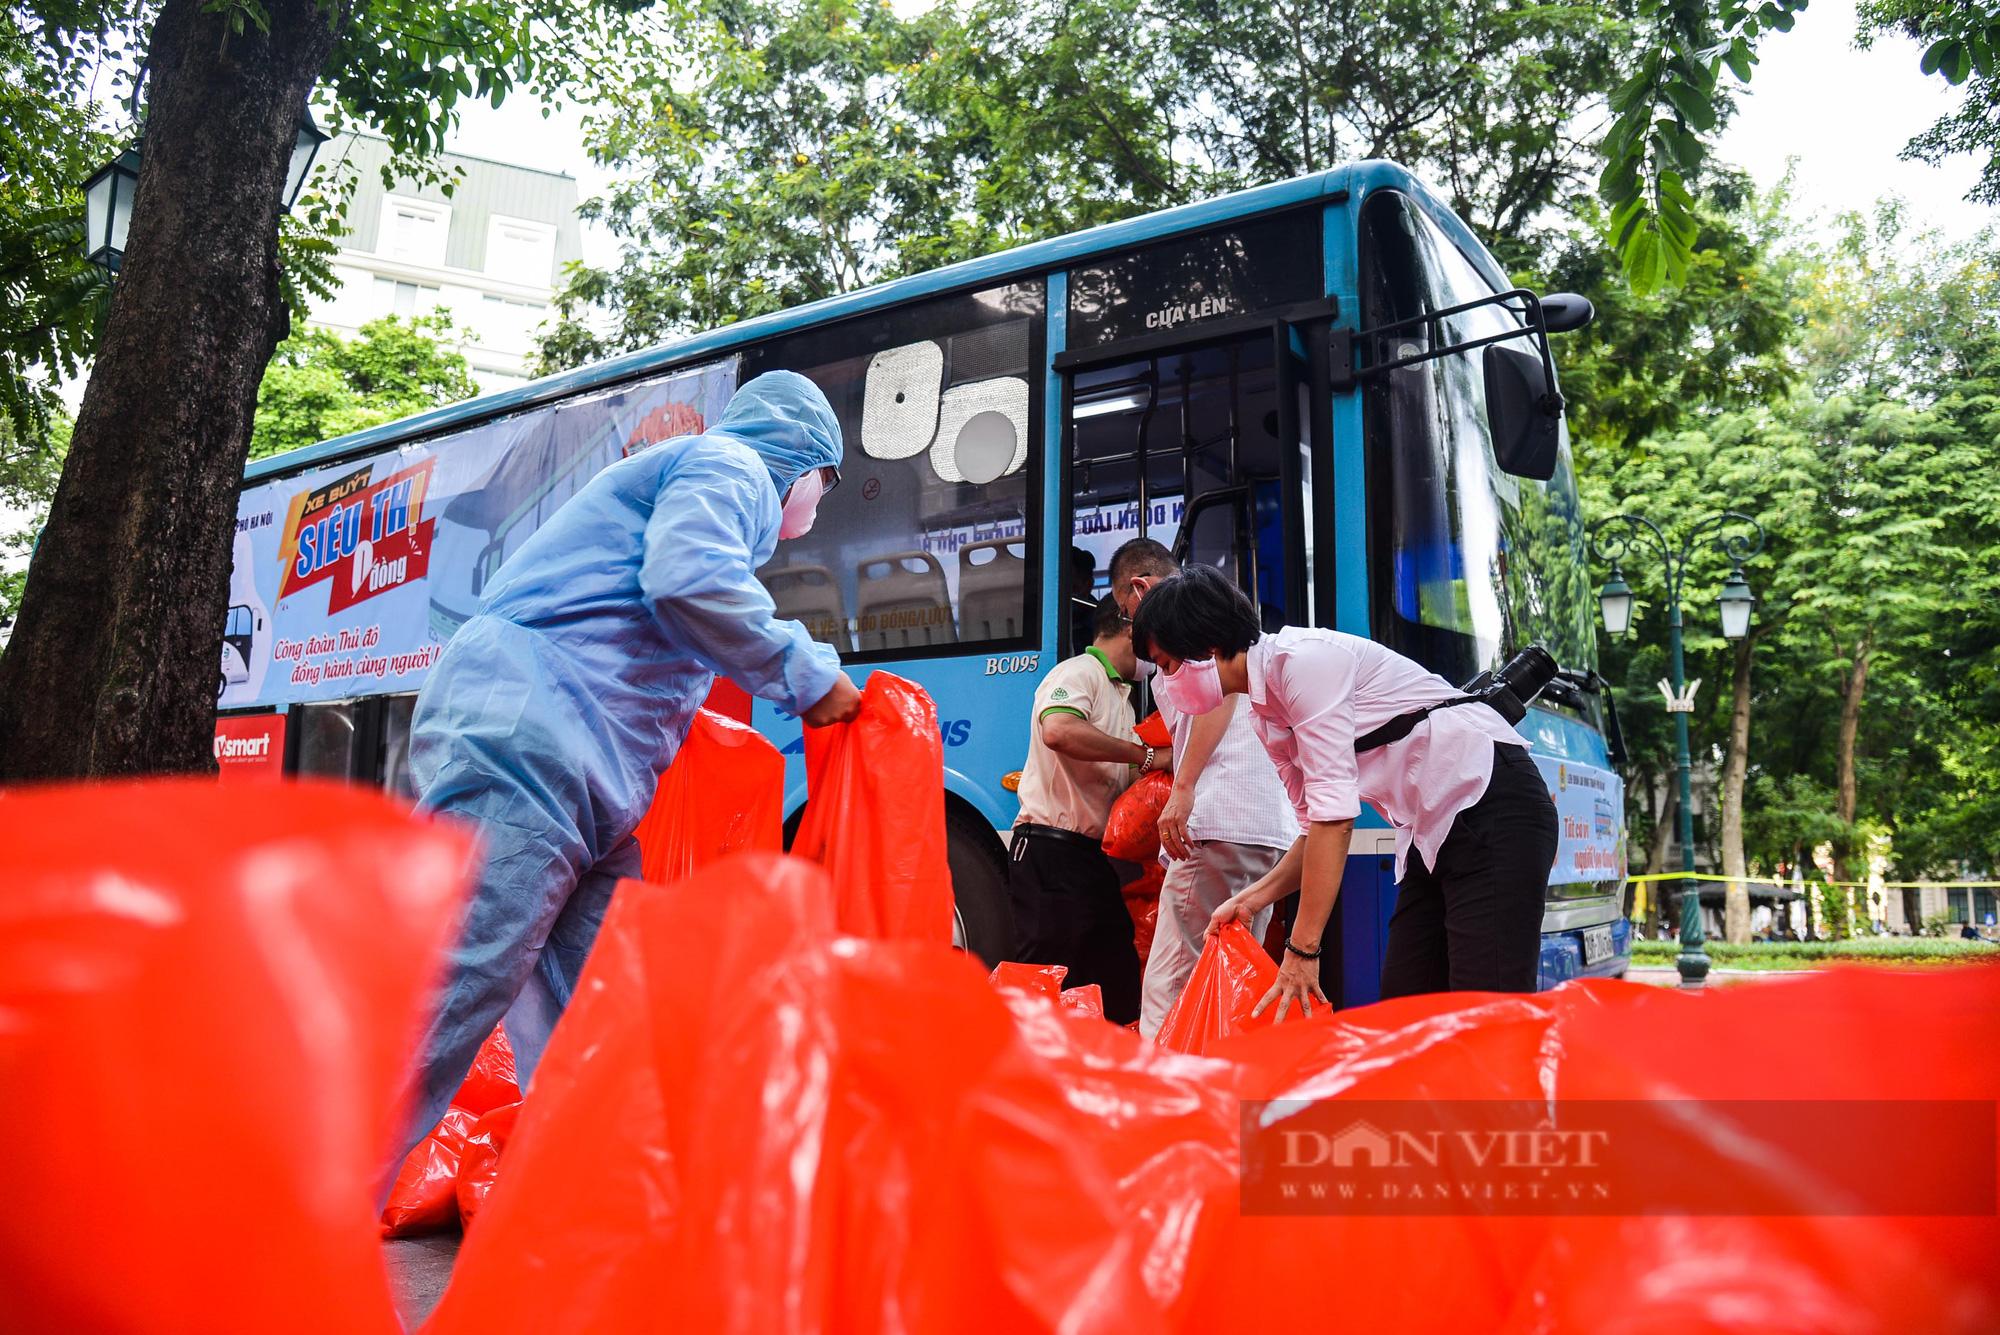 """Cận cảnh """"Xe buýt siêu thị 0 đồng"""" đầu tiên phục vụ CNLĐ khu công nghiệp Hà Nội - Ảnh 3."""